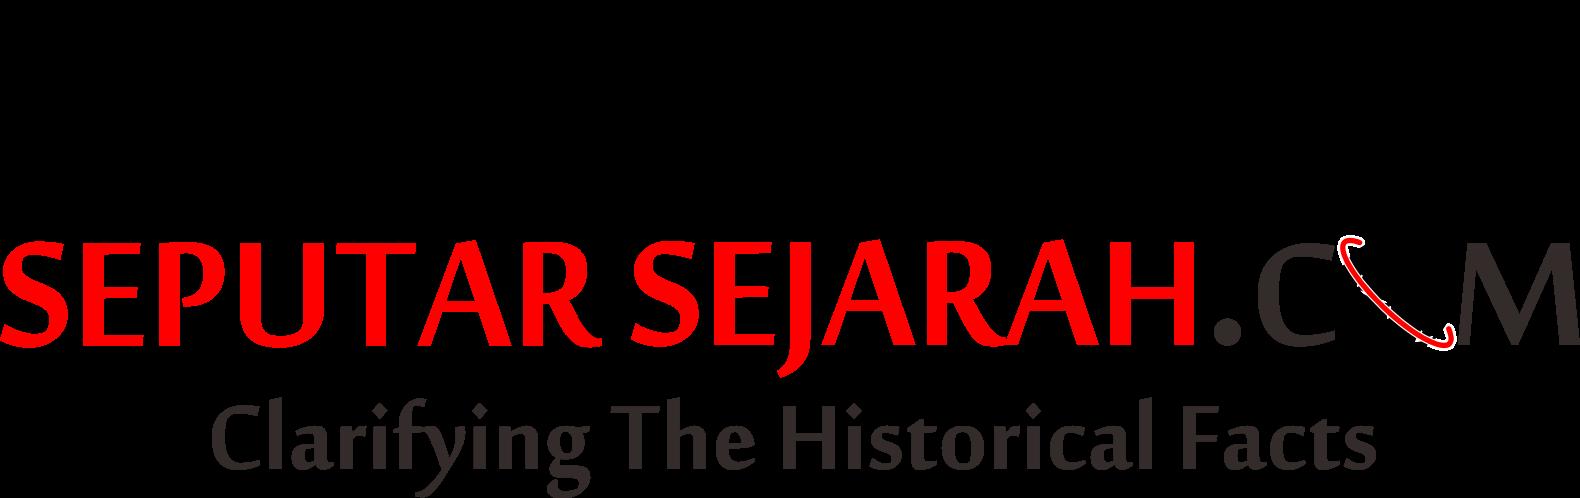 Seputarsejarah.com